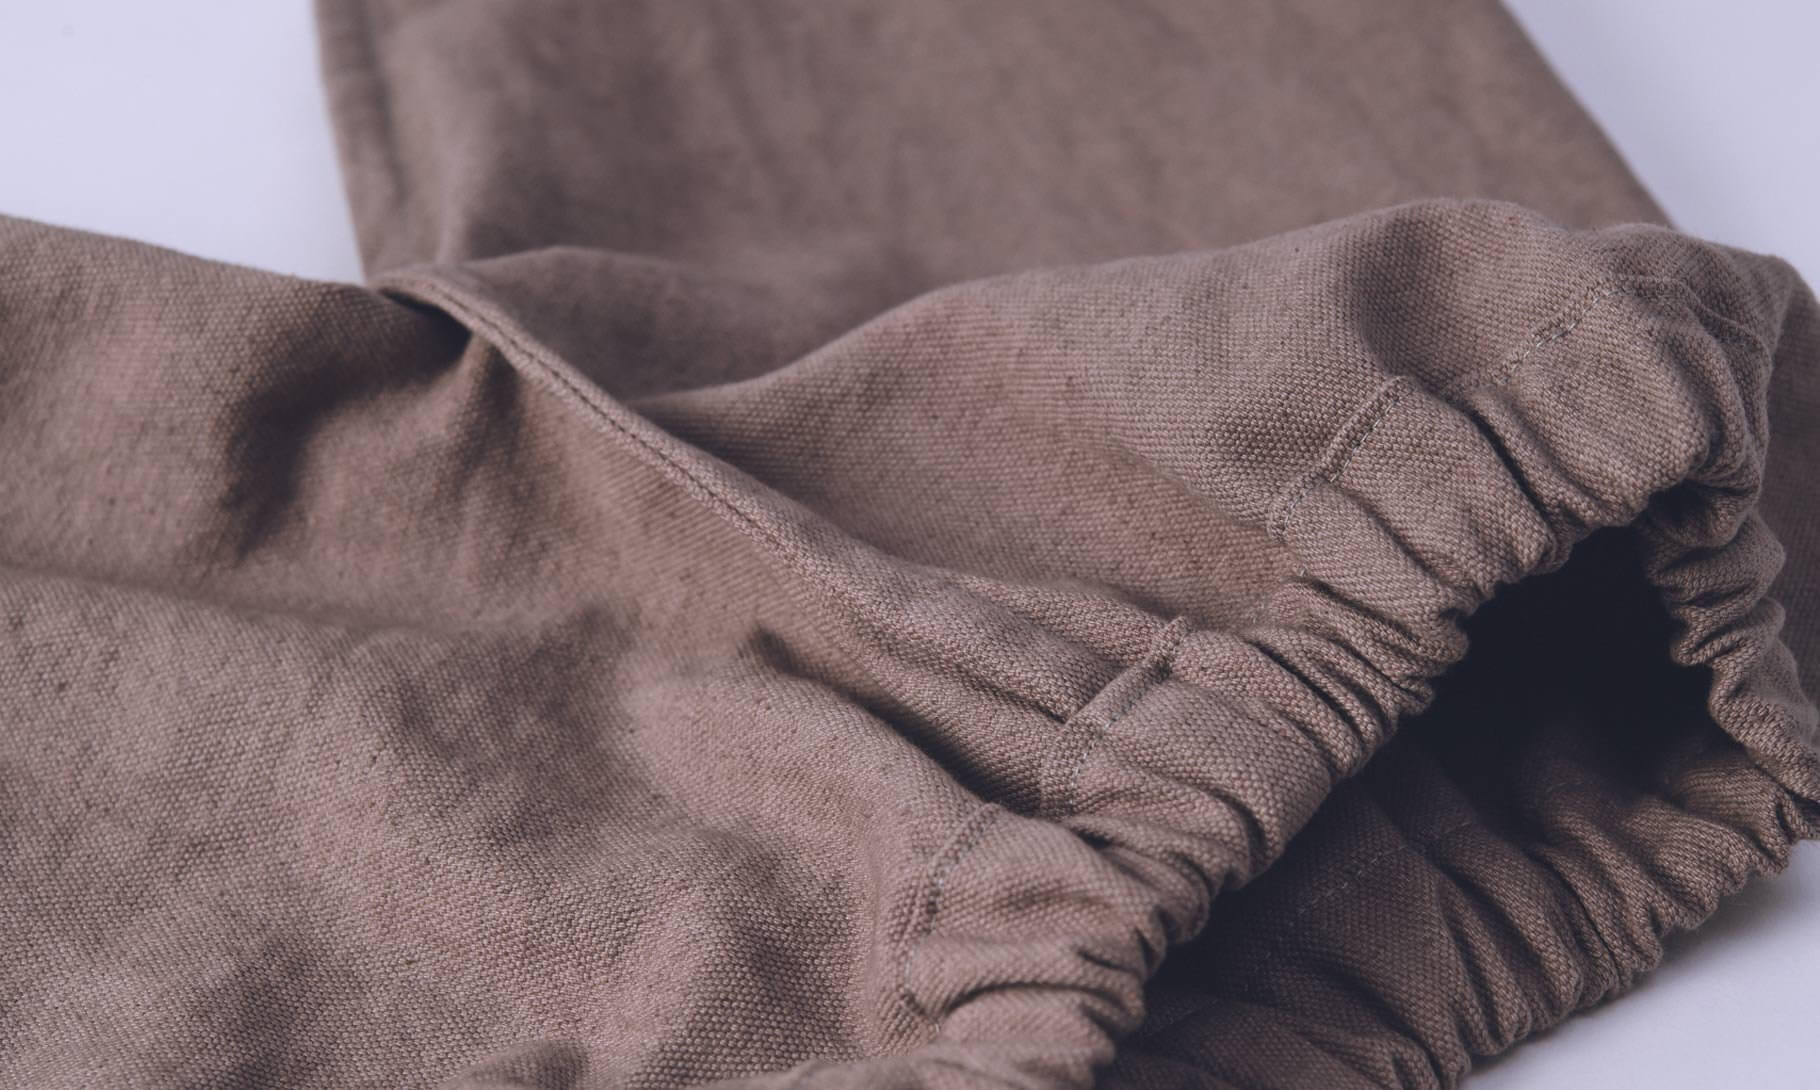 スモックパンツ、裏側袋縫い